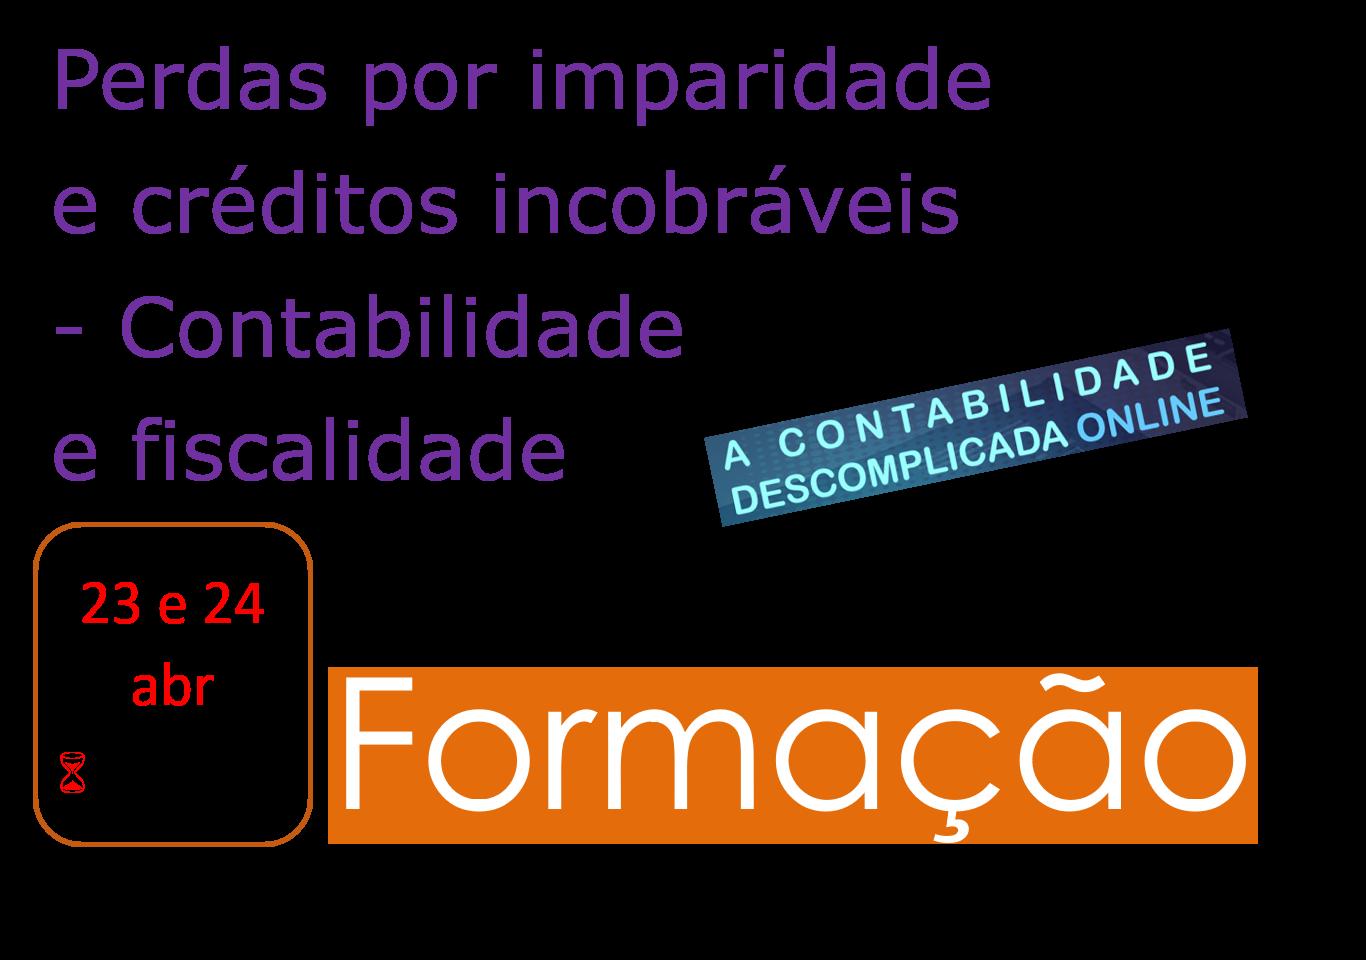 Perdas por imparidade e créditos incobráveis - Contabilidade e fiscalidade - 23 e 24/abr